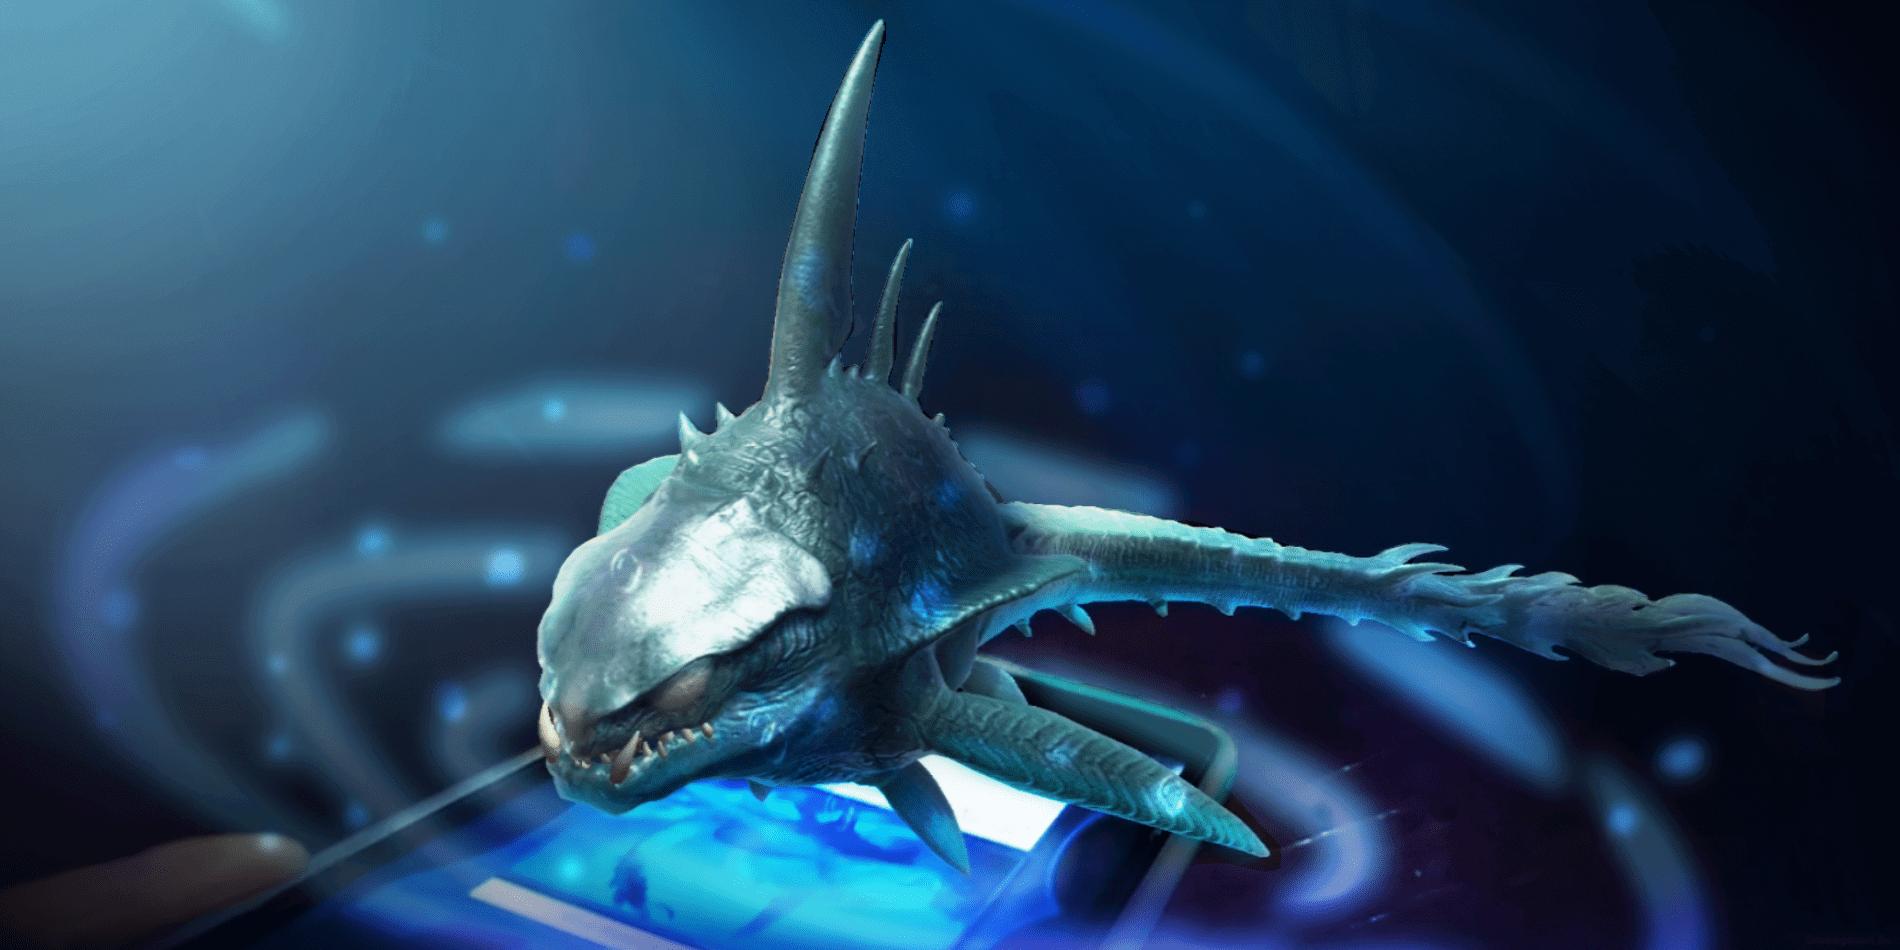 Monstruo marino en realidad aumentada